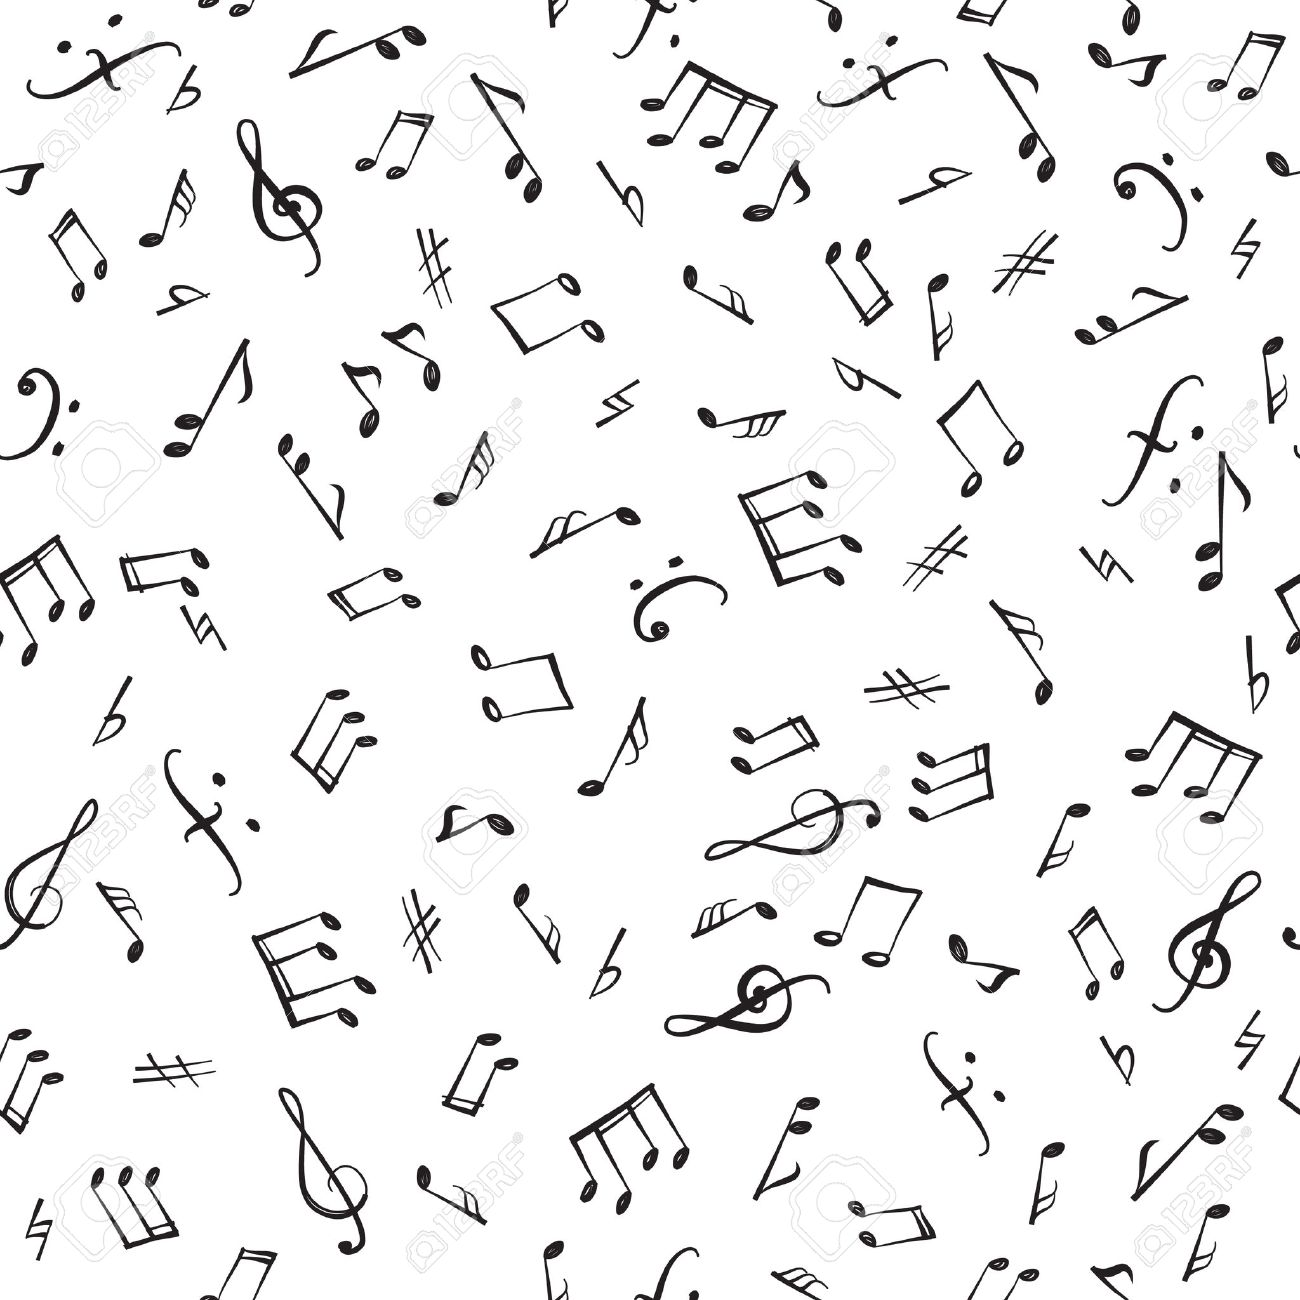 音楽ノートと要素のシームレスなパターン 音楽のタイル張りの背景